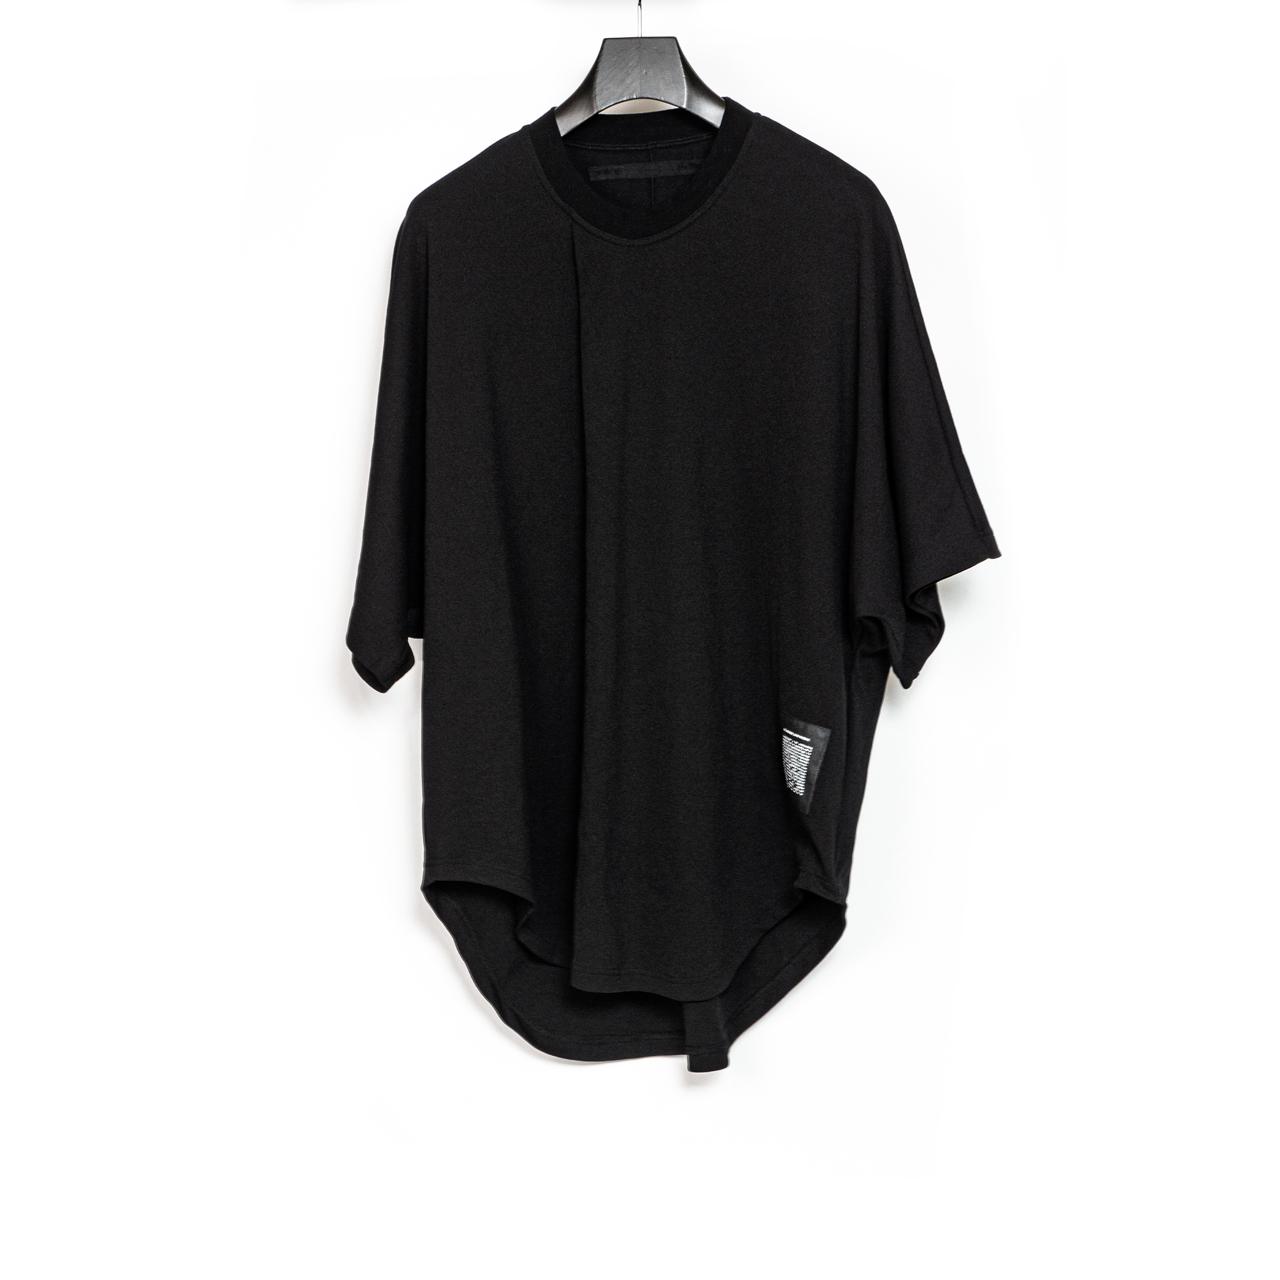 700CUM9-BLACK / フロントタックビッグ Tシャツ